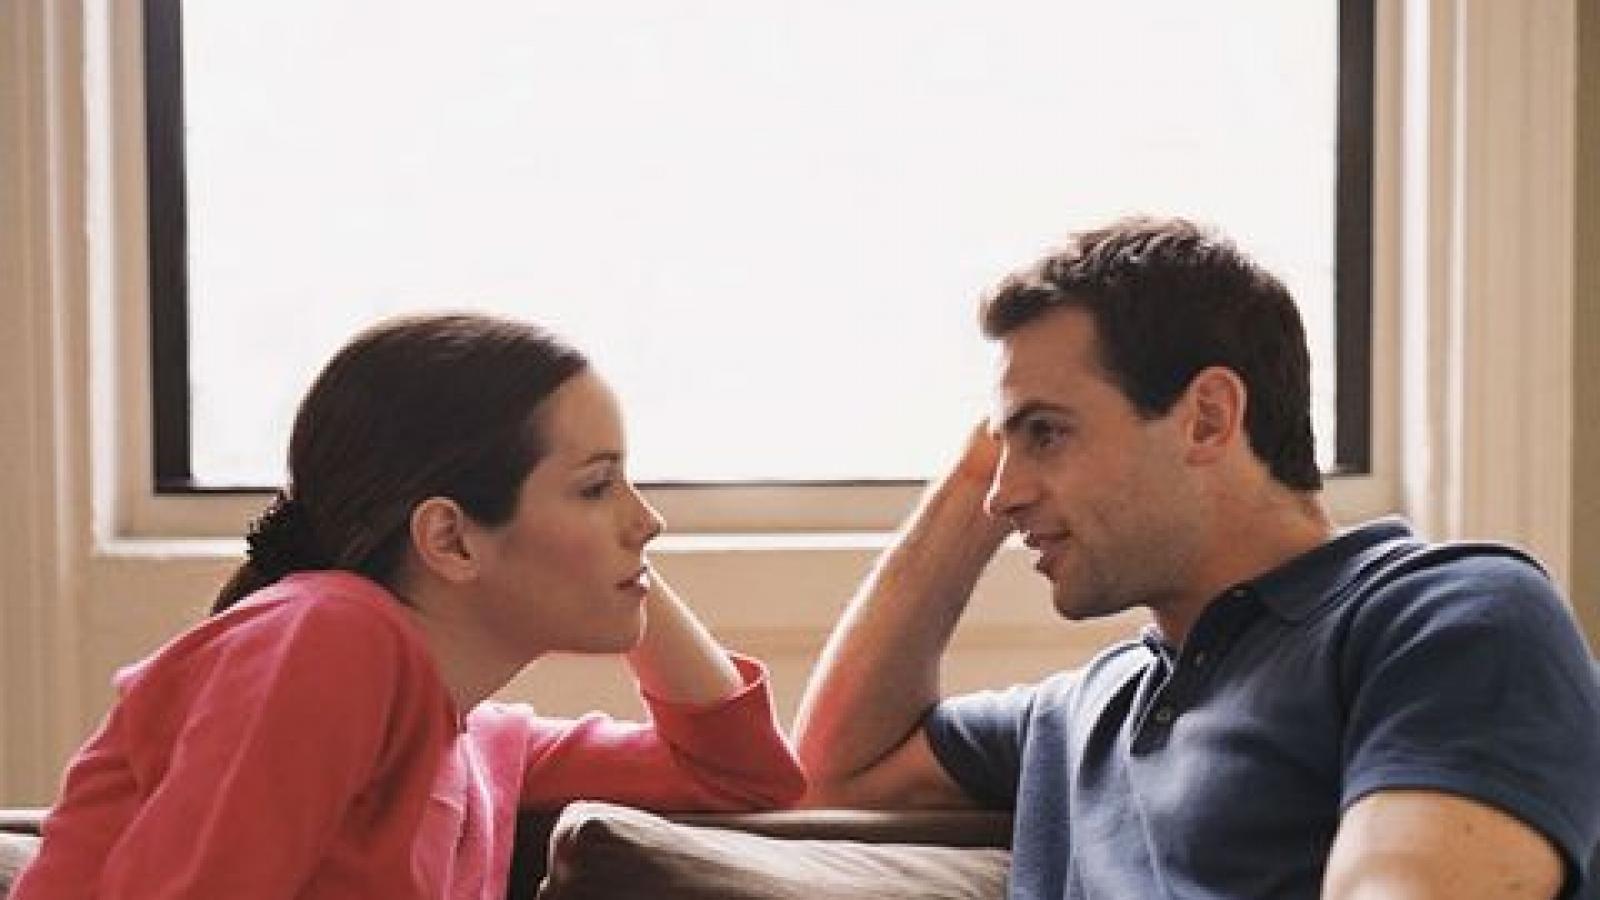 Làm thế nào để đối phương yêu và gắn bó với bạn hơn?